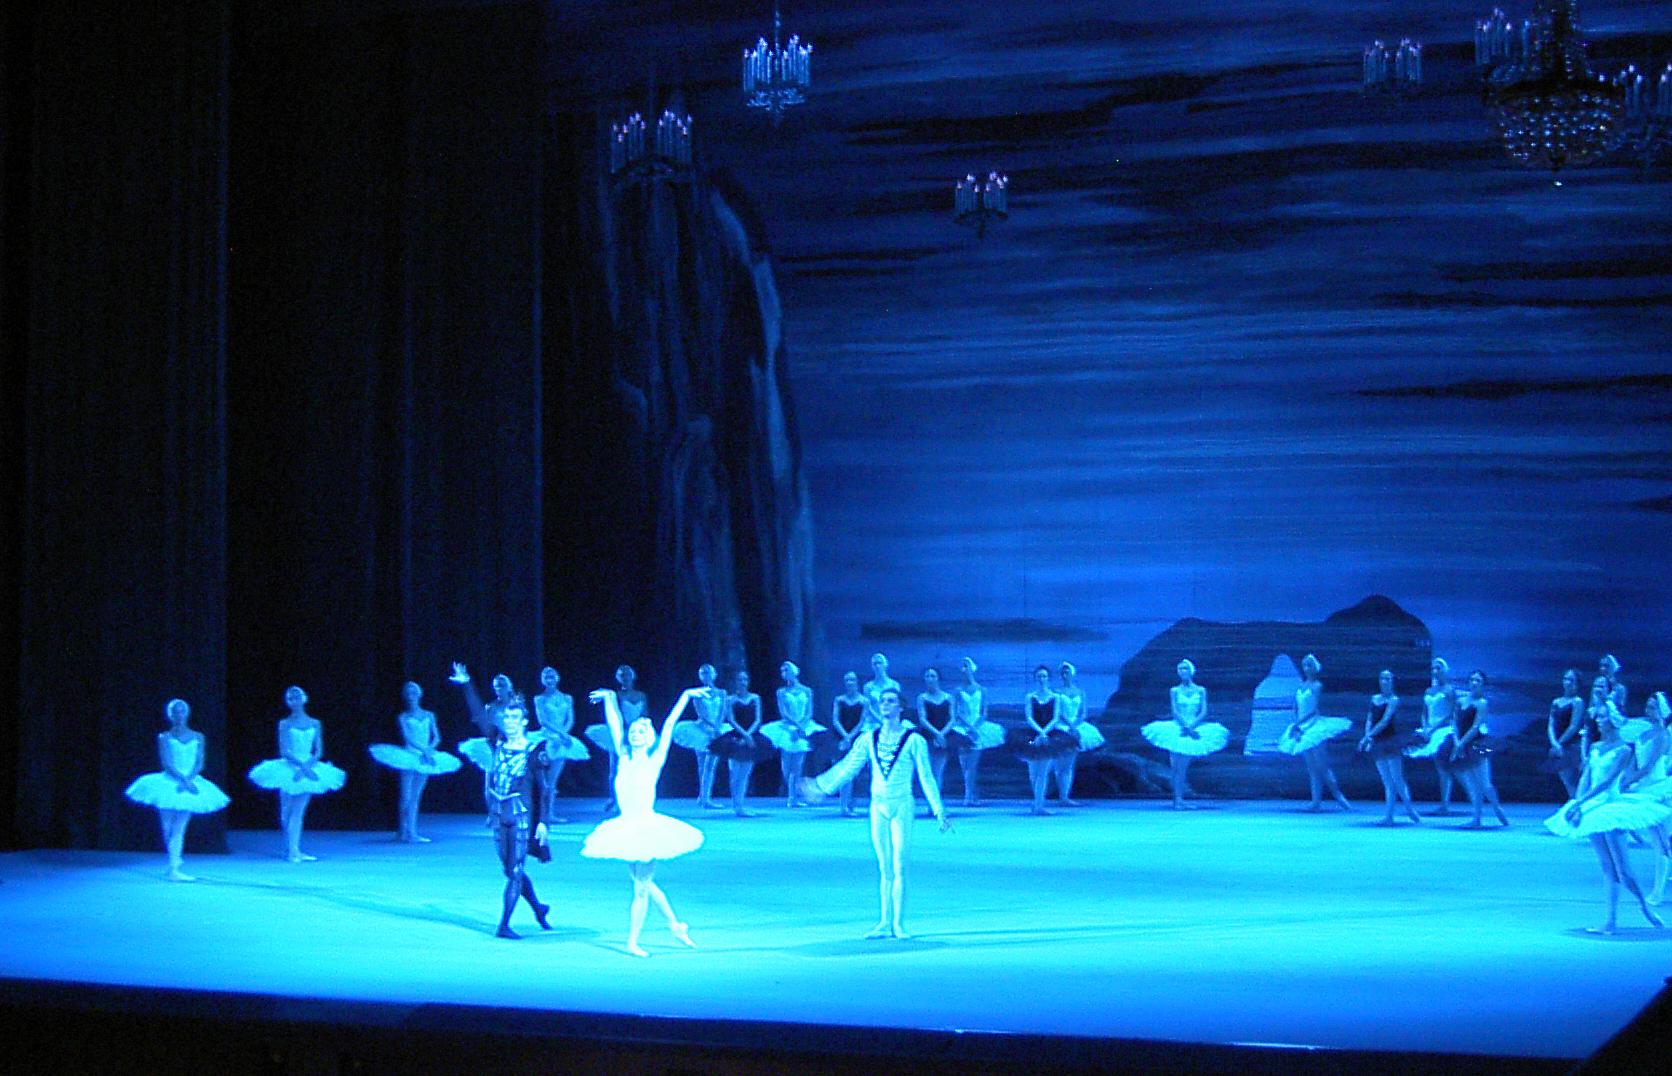 Il Balletto del Bolshoi di Mosca - Il lago dei cigni: una scena tratta dallo spettacolo